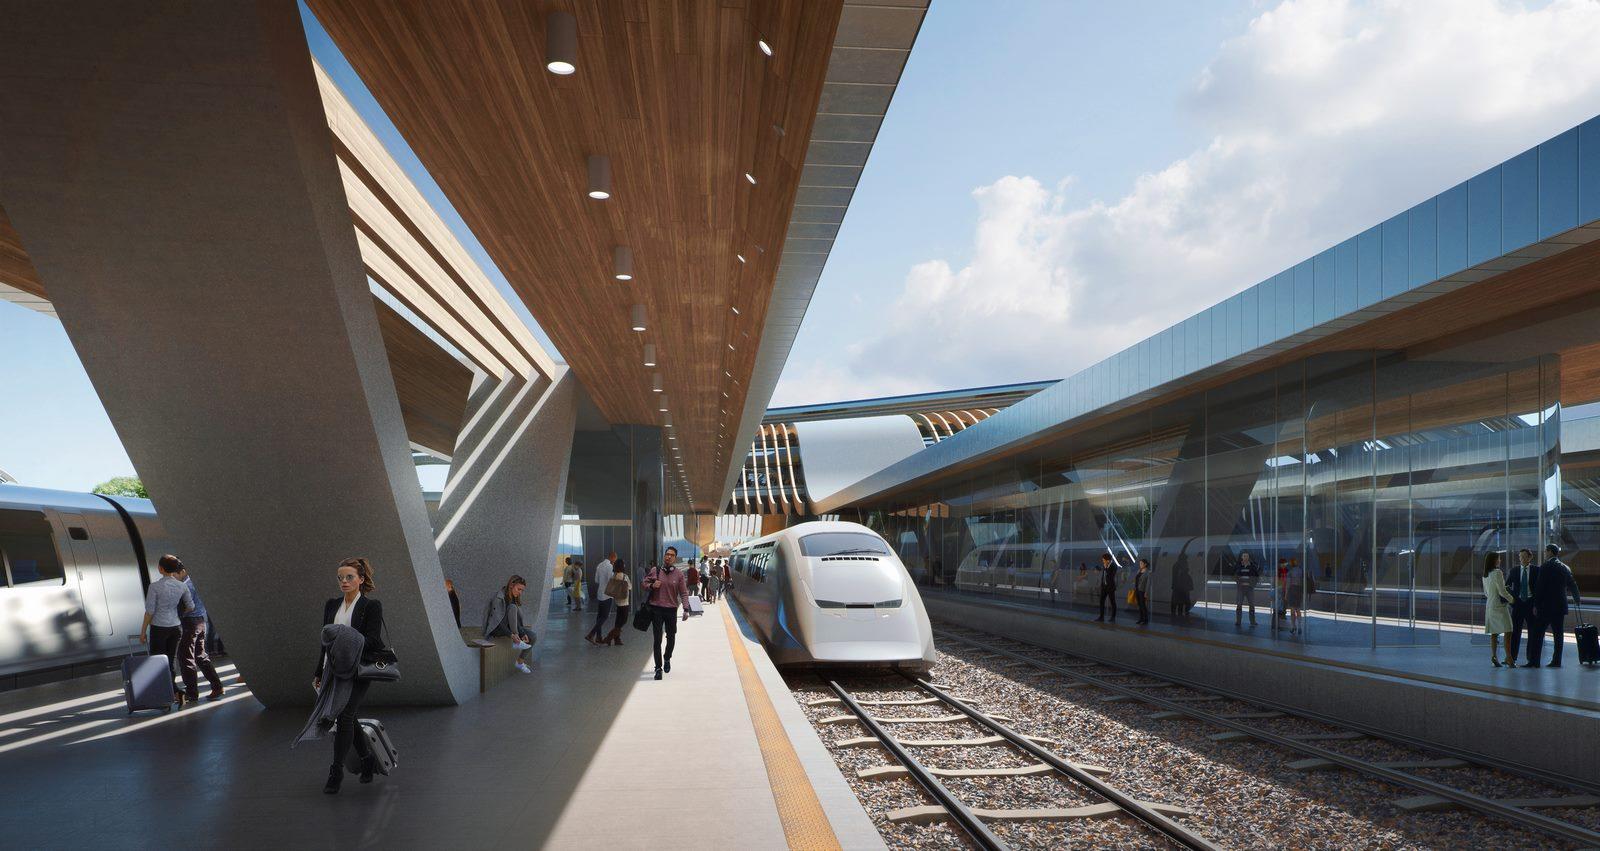 La nueva terminal de trenes de alta velocidad en Europa 8